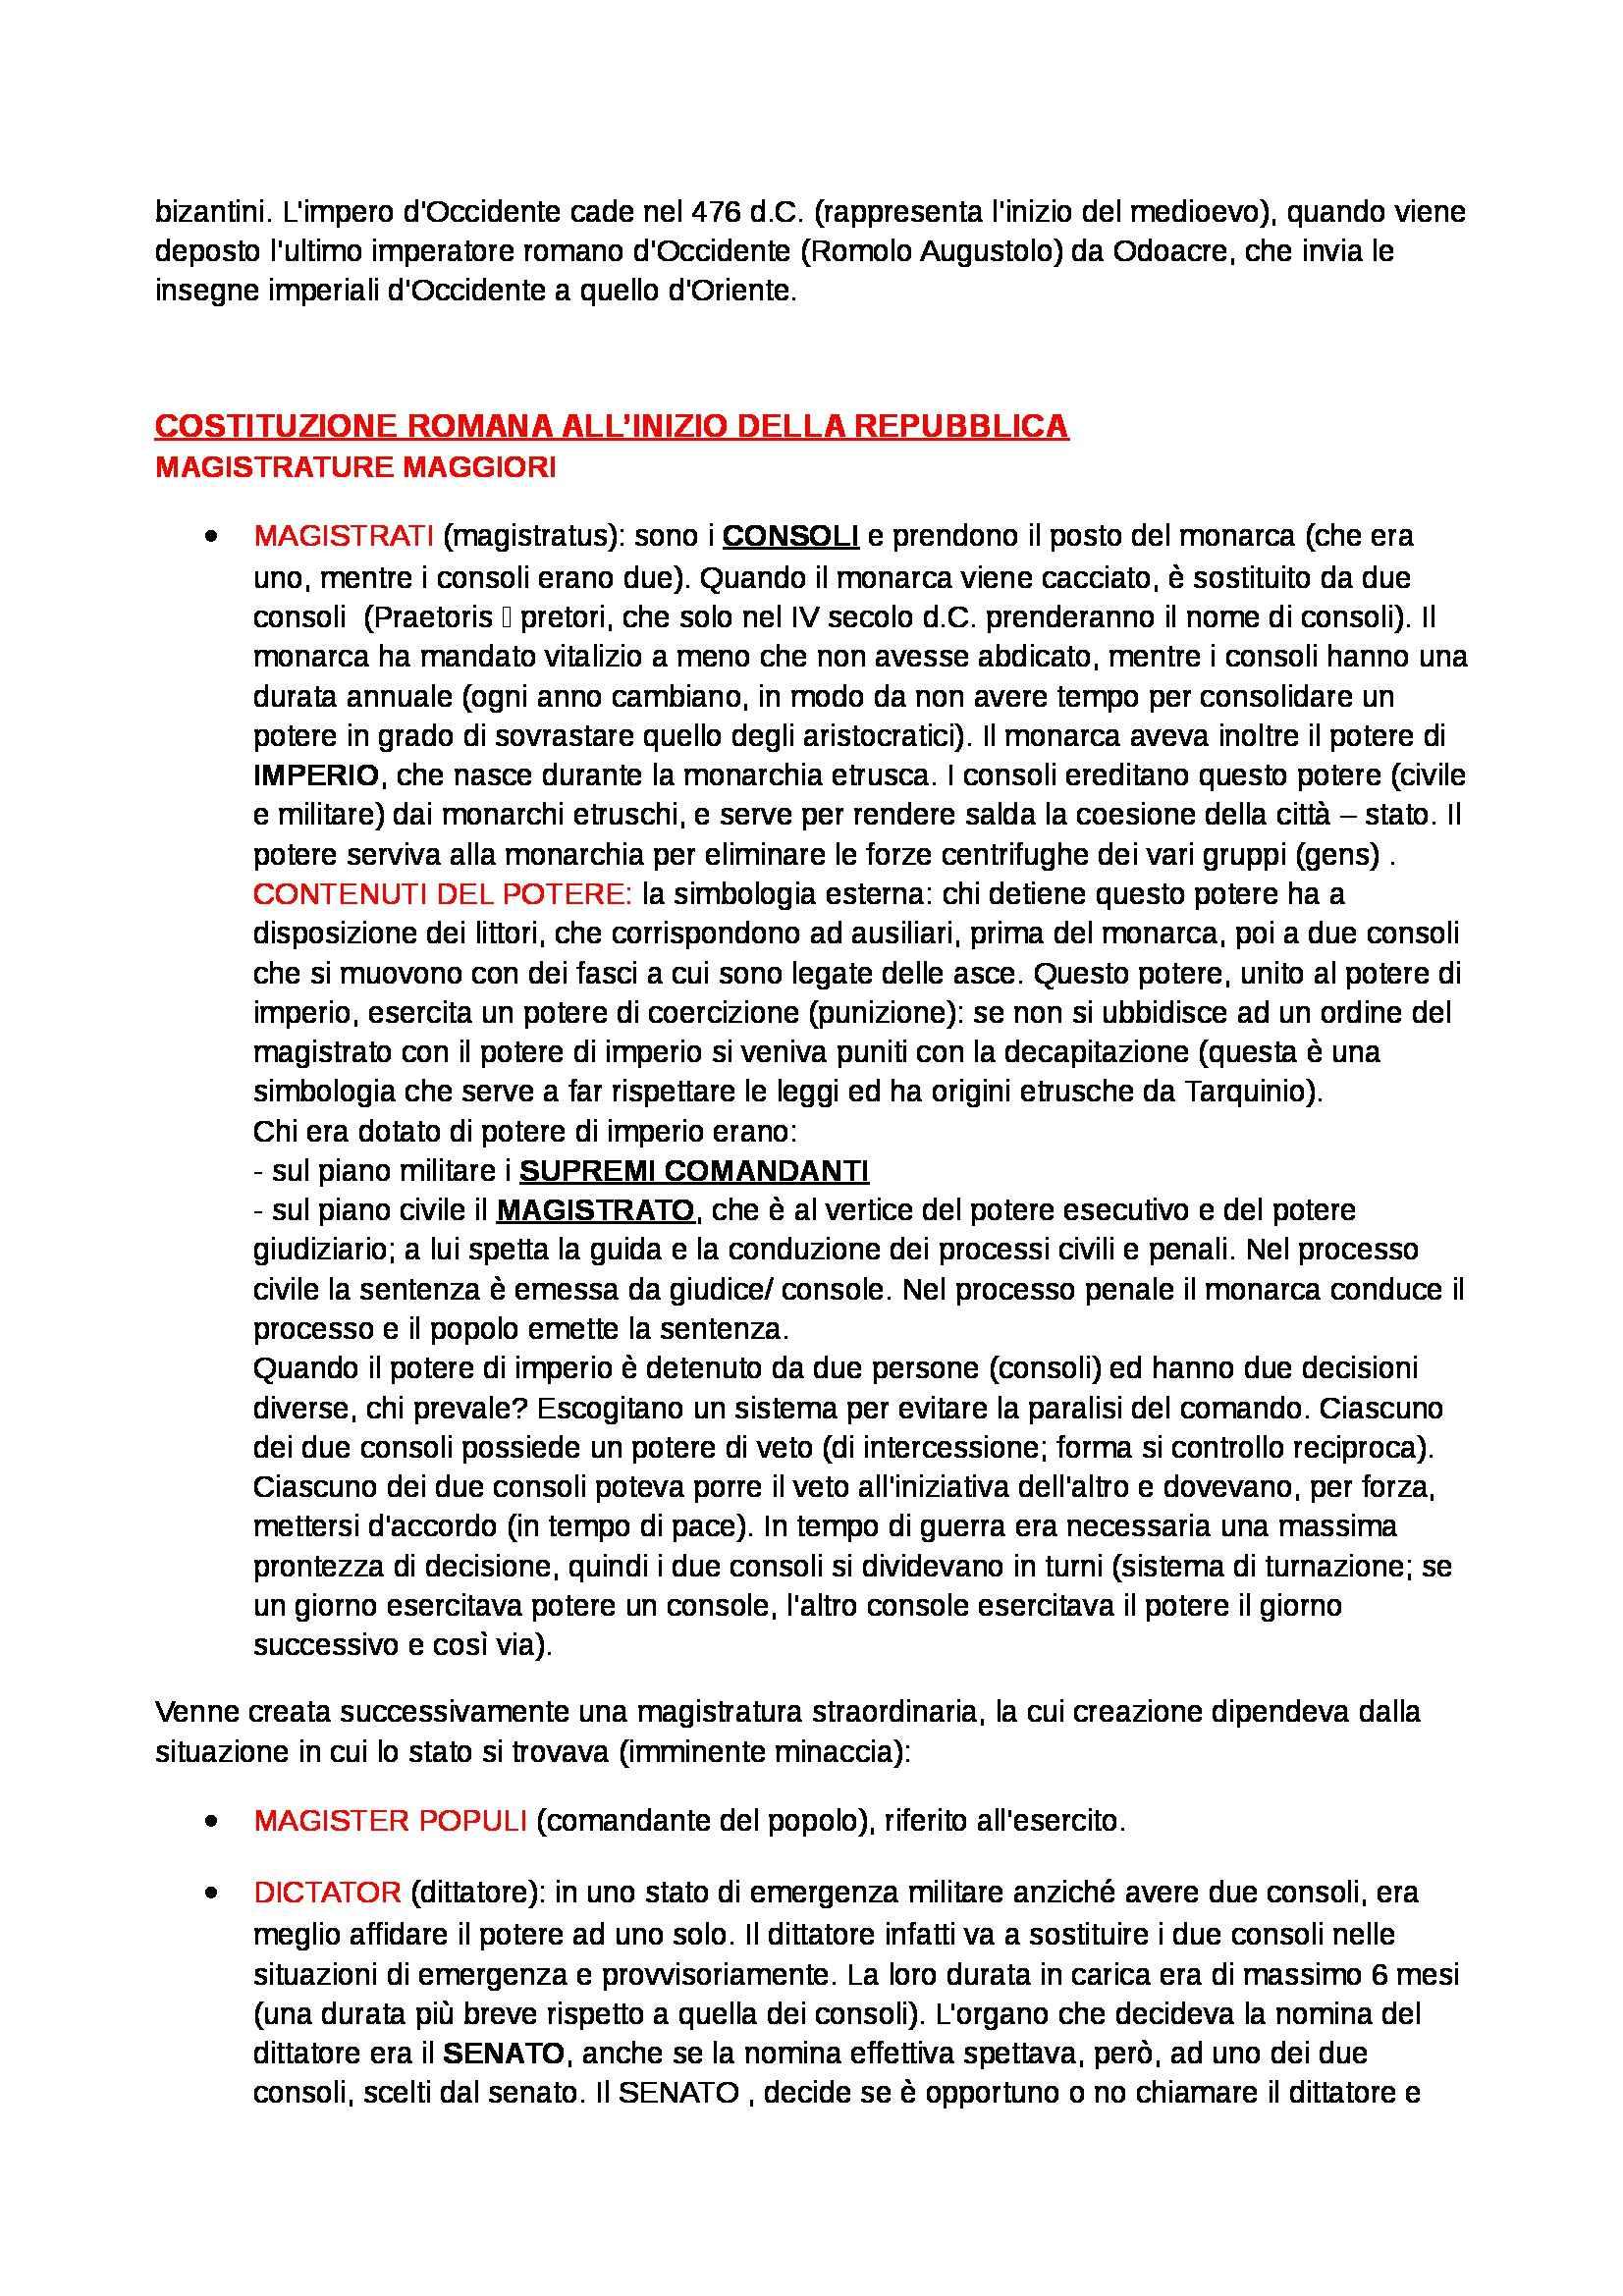 Storia del diritto romano - Appunti Pag. 2